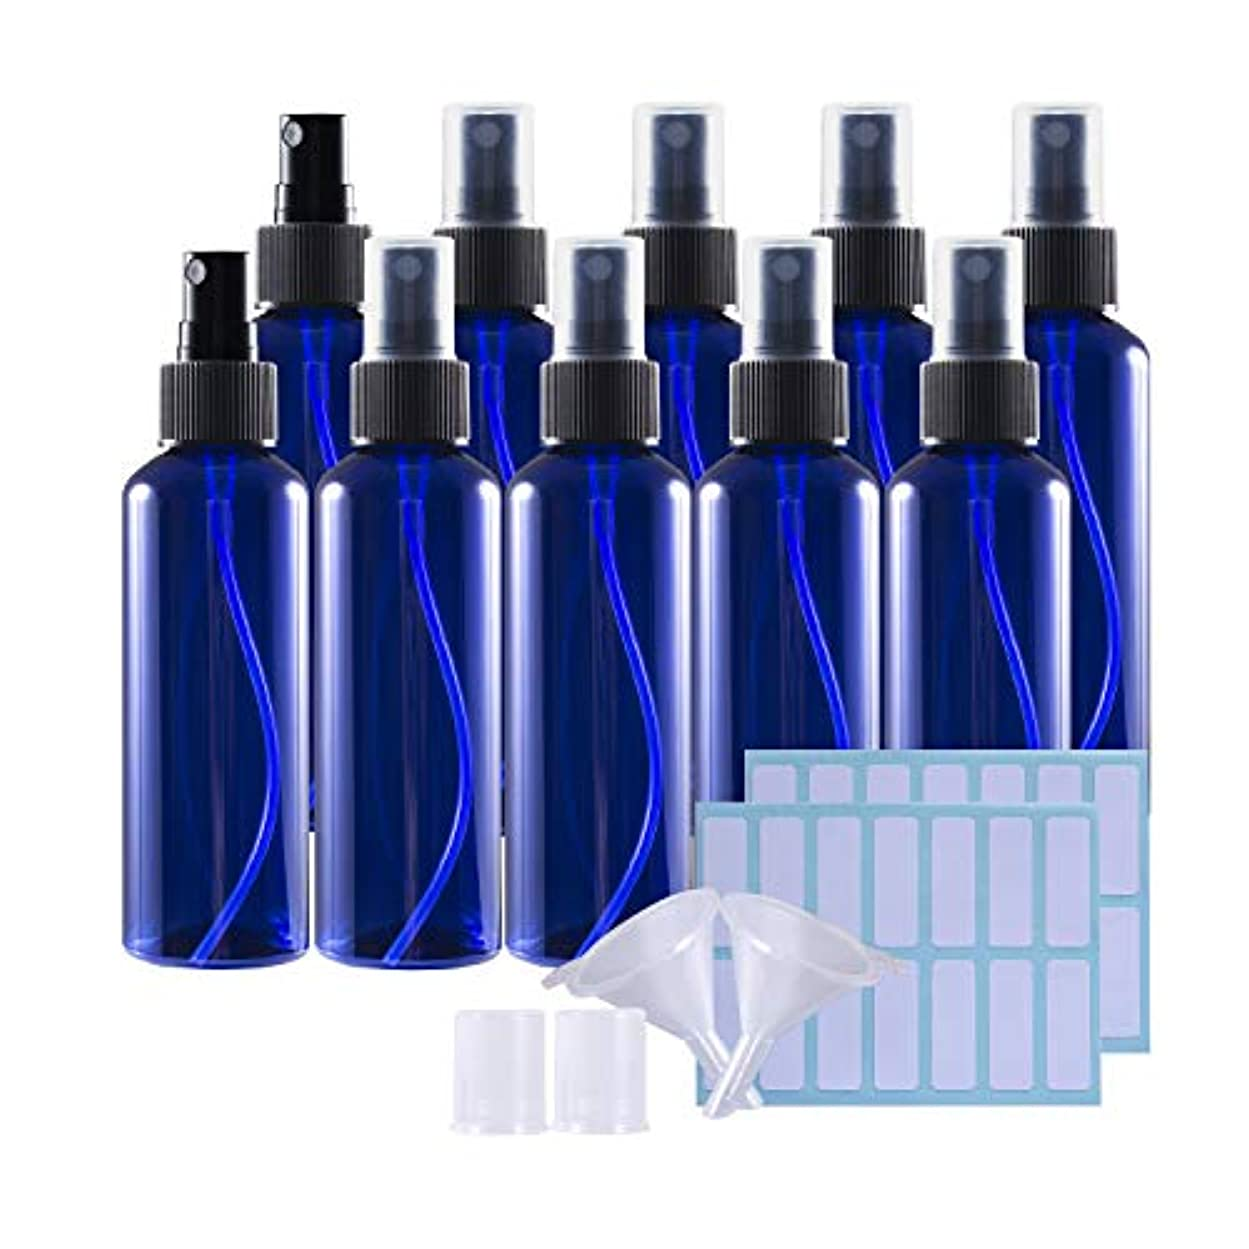 一肘サンダー100mlスプレーボトル 10個セット遮光瓶 小分けボトル プラスチック容器 液体用空ボトル 押し式詰替用ボトル 詰め替え シャンプー クリーム 化粧品 収納瓶